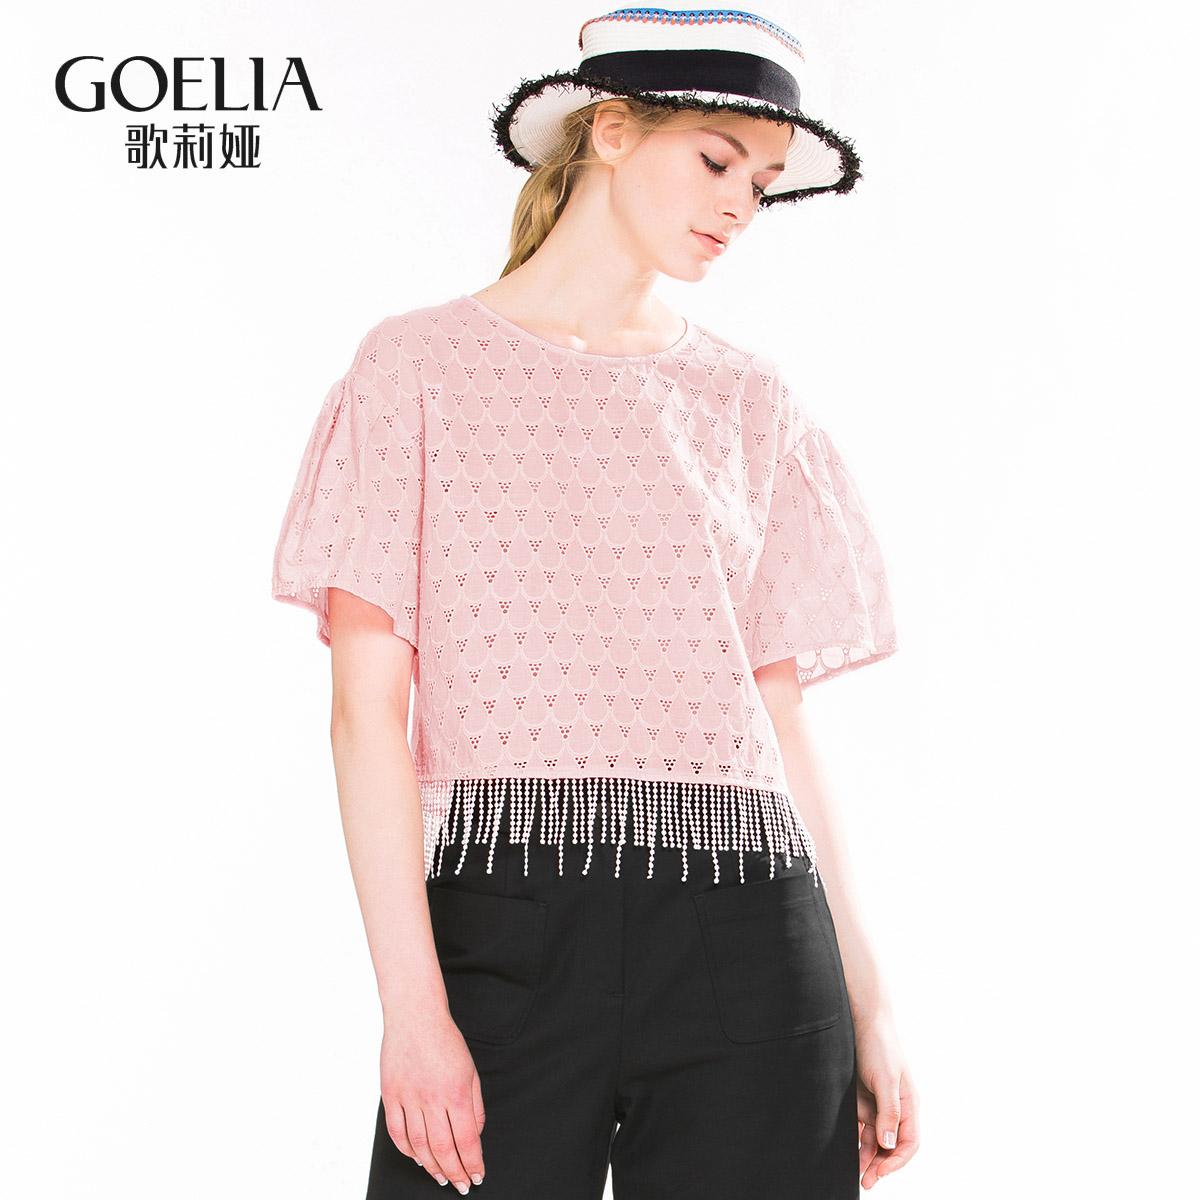 歌莉娅女装 GLORIA歌莉娅女装 宽松H型雪纺衫圆领蕾丝衬衫女162R3B140_推荐淘宝好看的歌莉娅